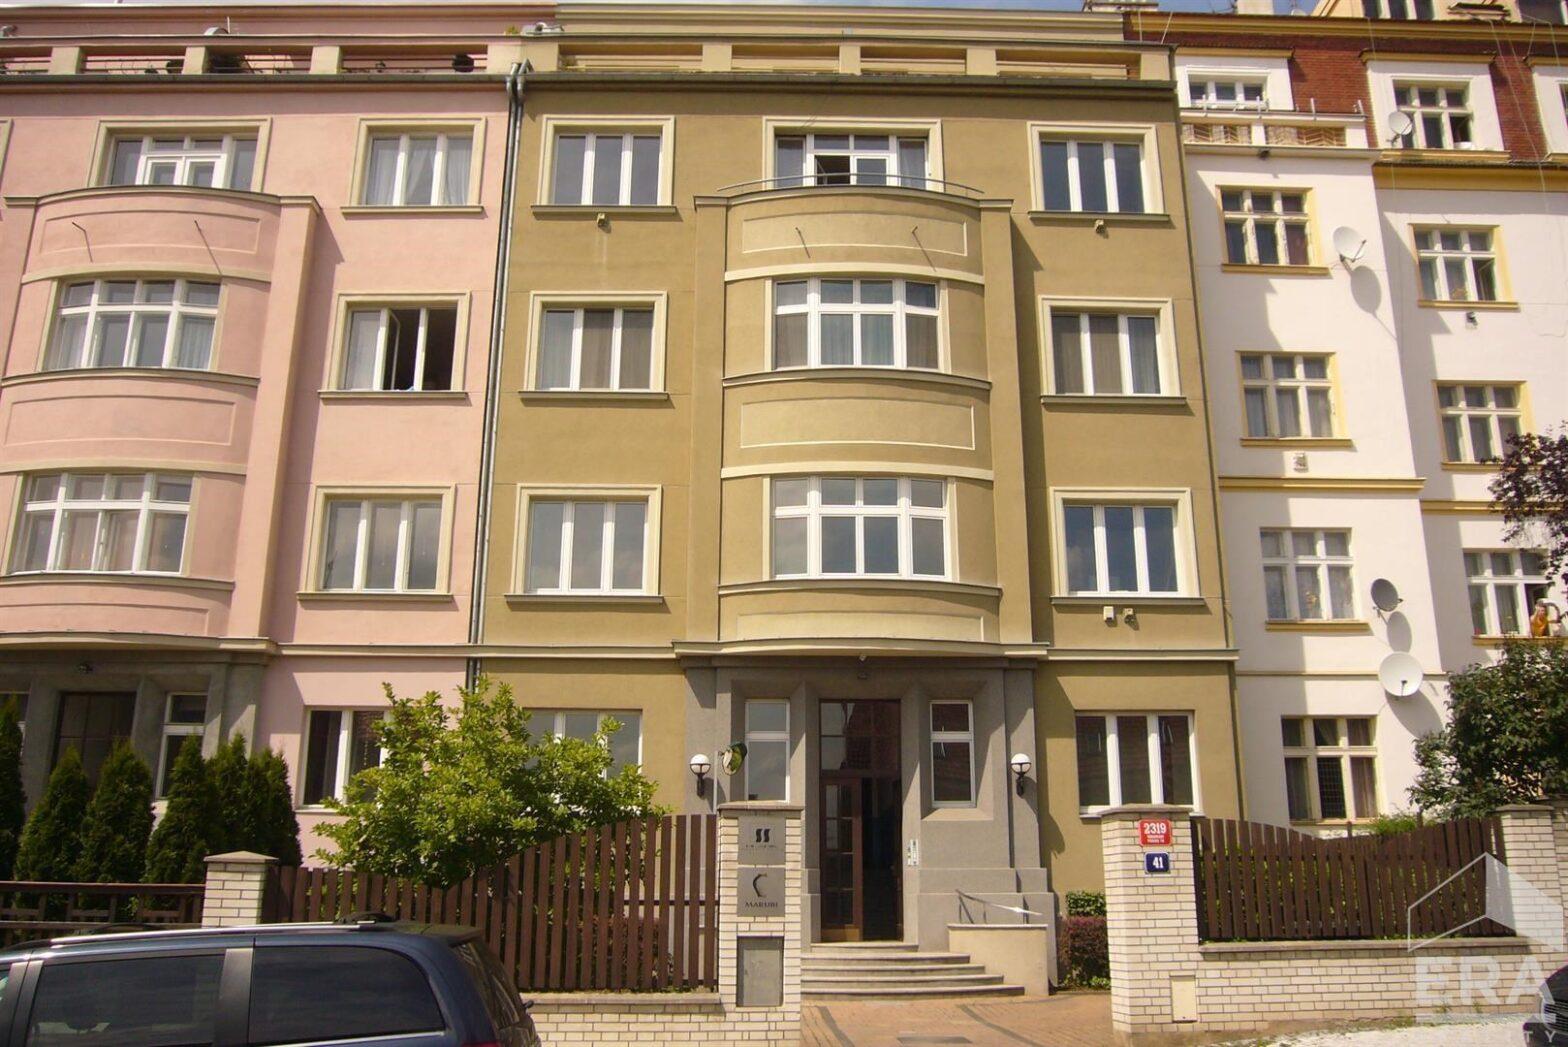 Nabídka pronájmu bytu 1+kk, 22 m2 v prestižní vilové čtvrti  ul. Hradešínská, Praha 10                                                              Cena: 6500Kč/měs